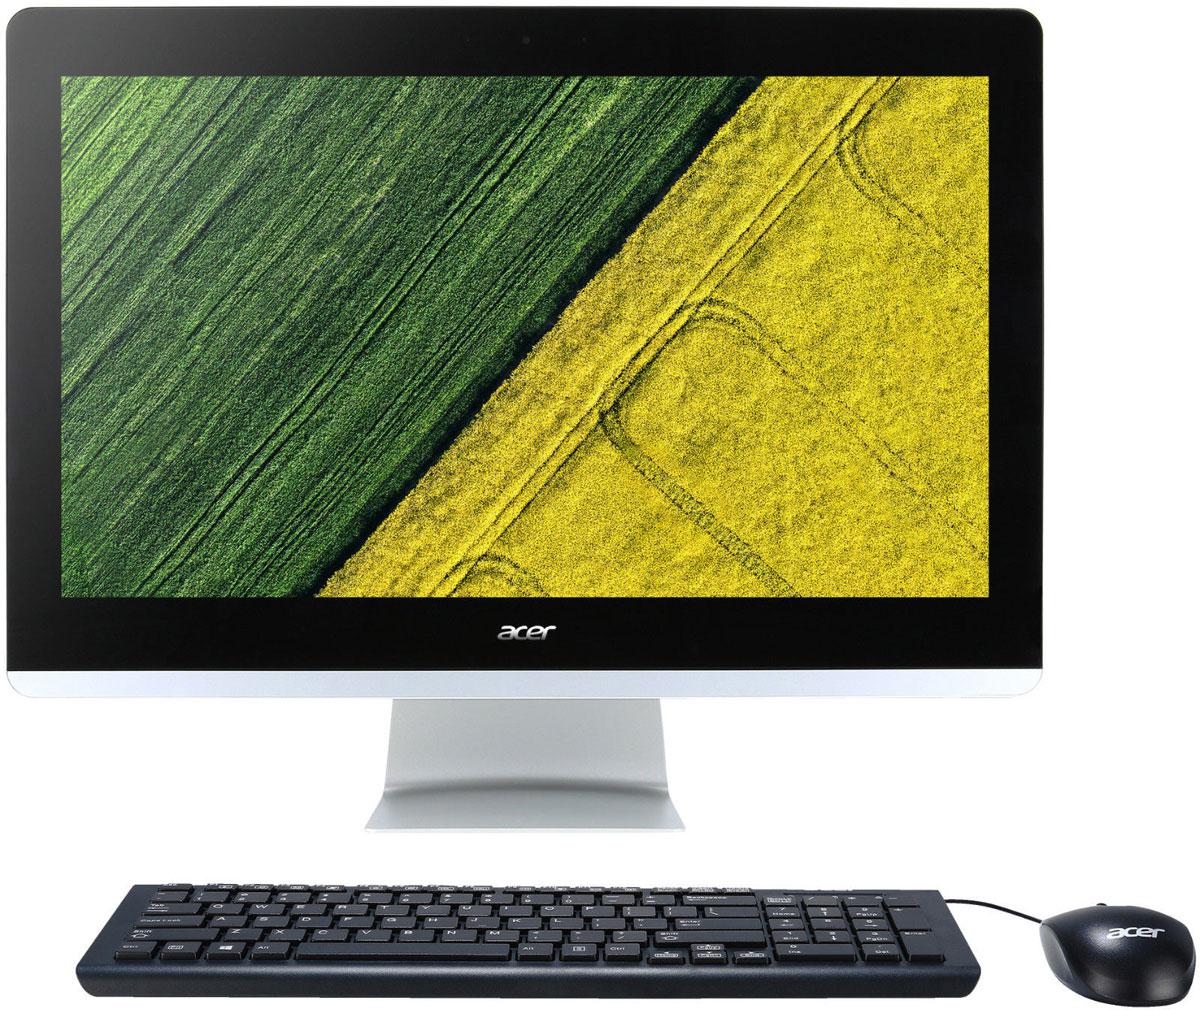 Acer Aspire Z22-780, Black моноблок (DQ.B82ER.006) - Настольные компьютеры и моноблоки